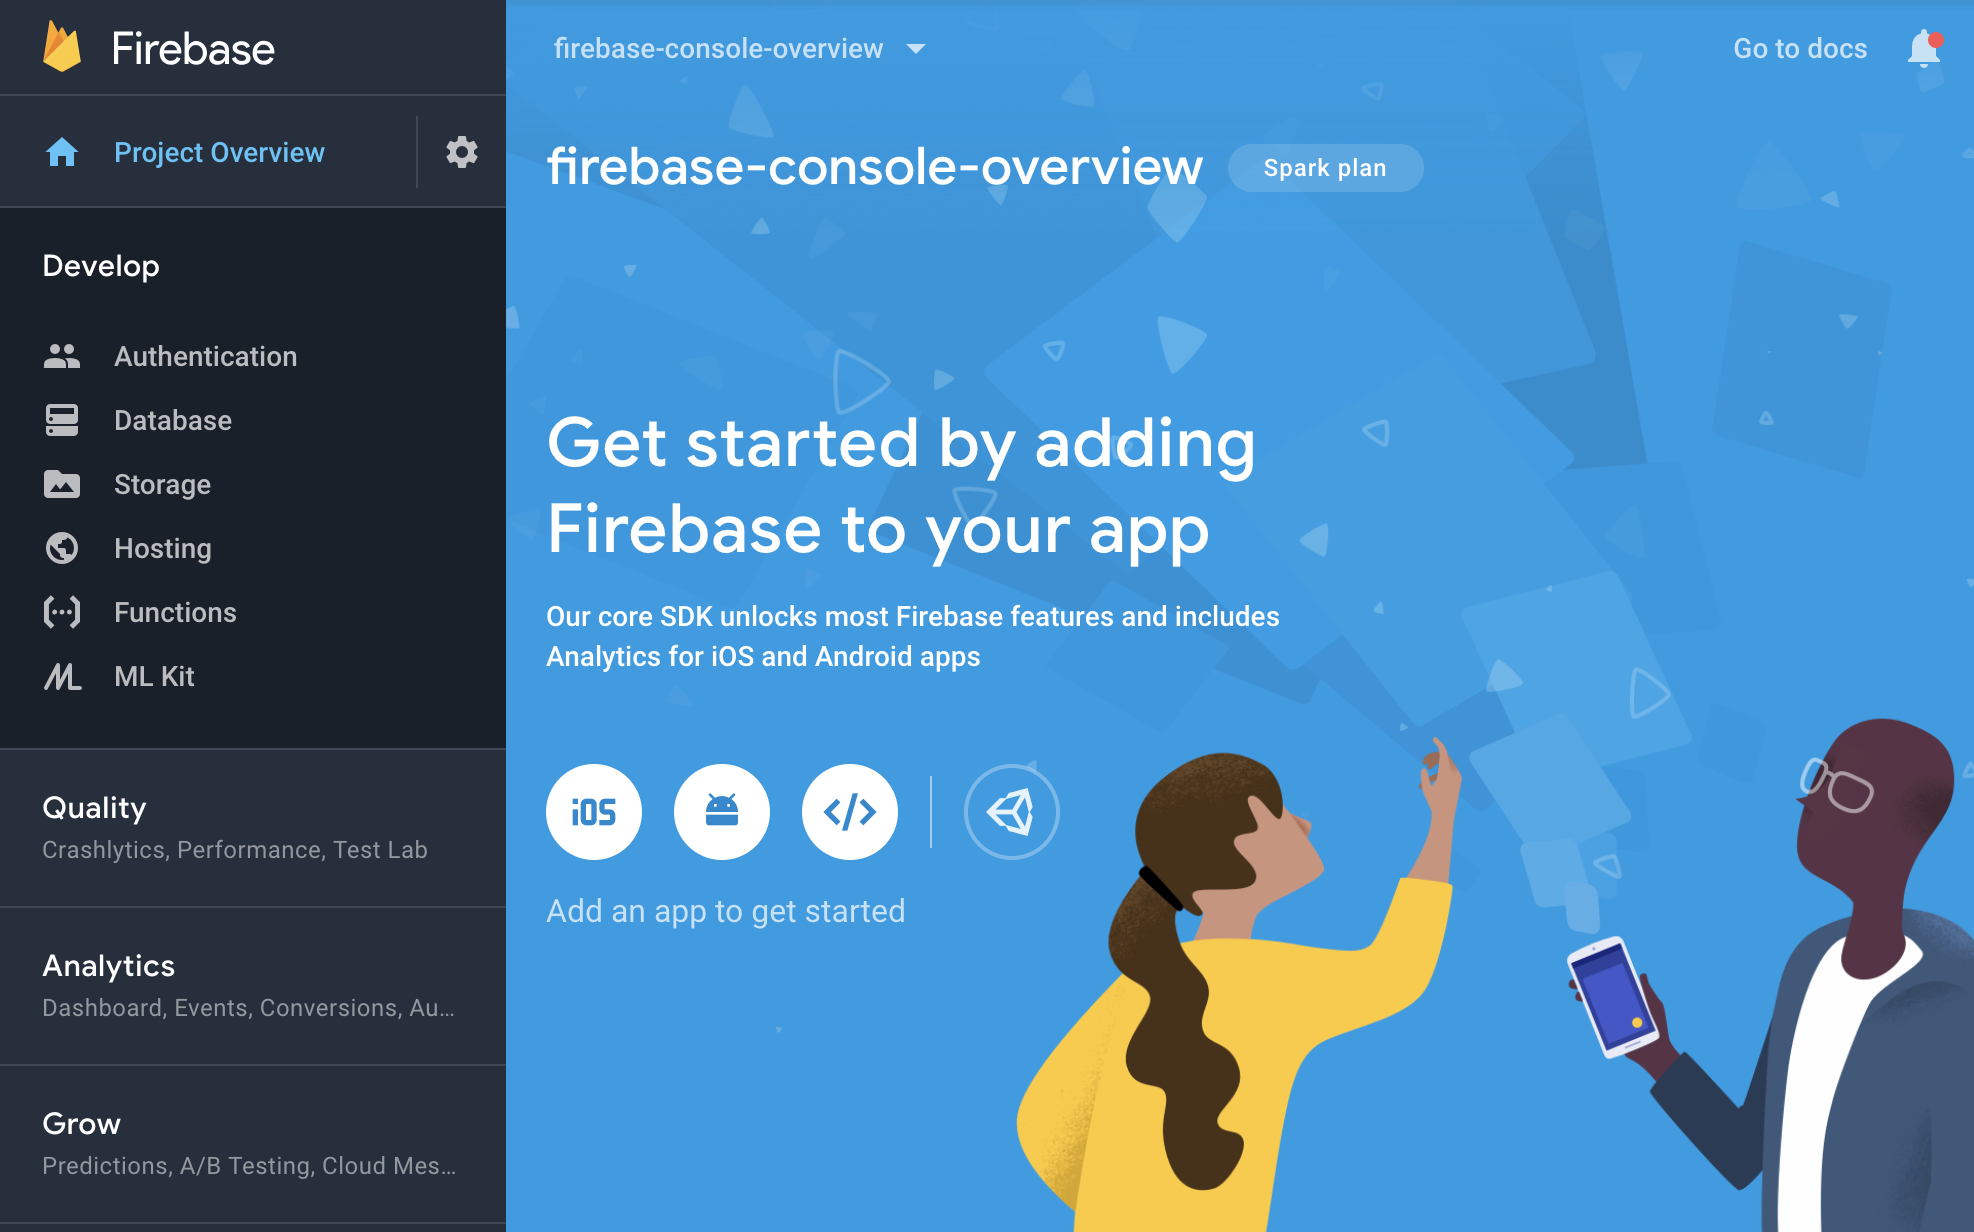 Pantalla de descripción general del proyecto en Firebaseconsole